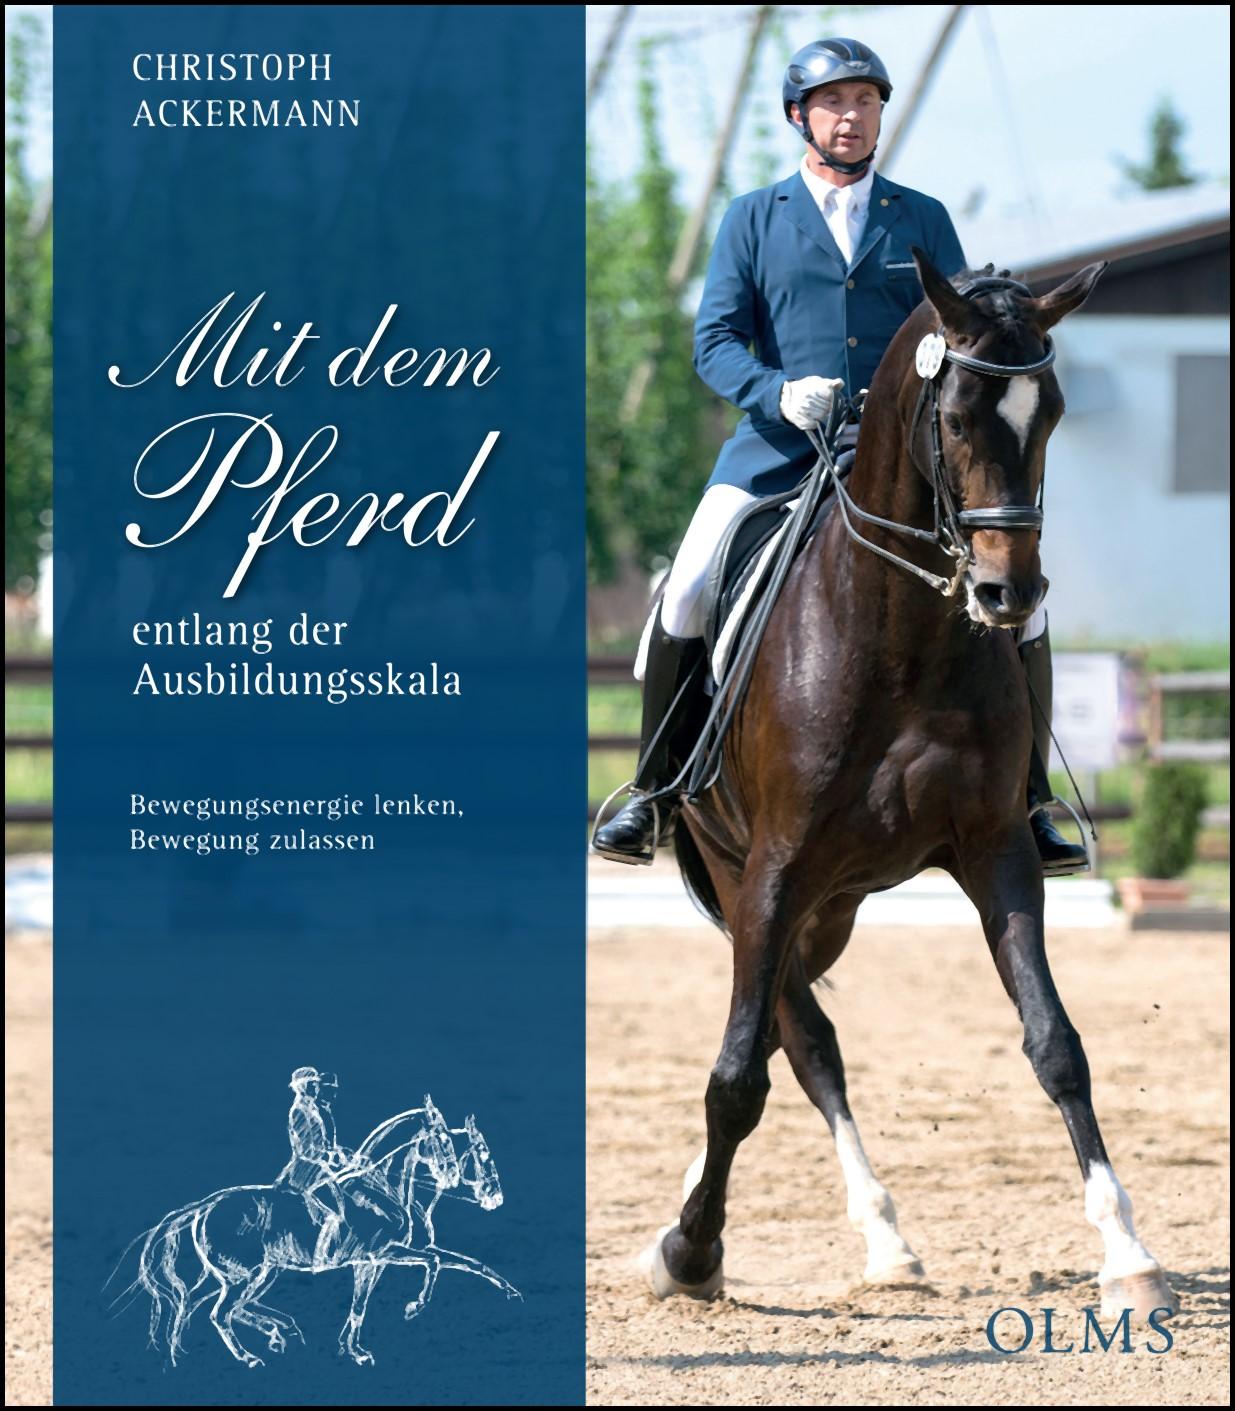 Abbildung von Ackermann   Mit dem Pferd   2019   2019